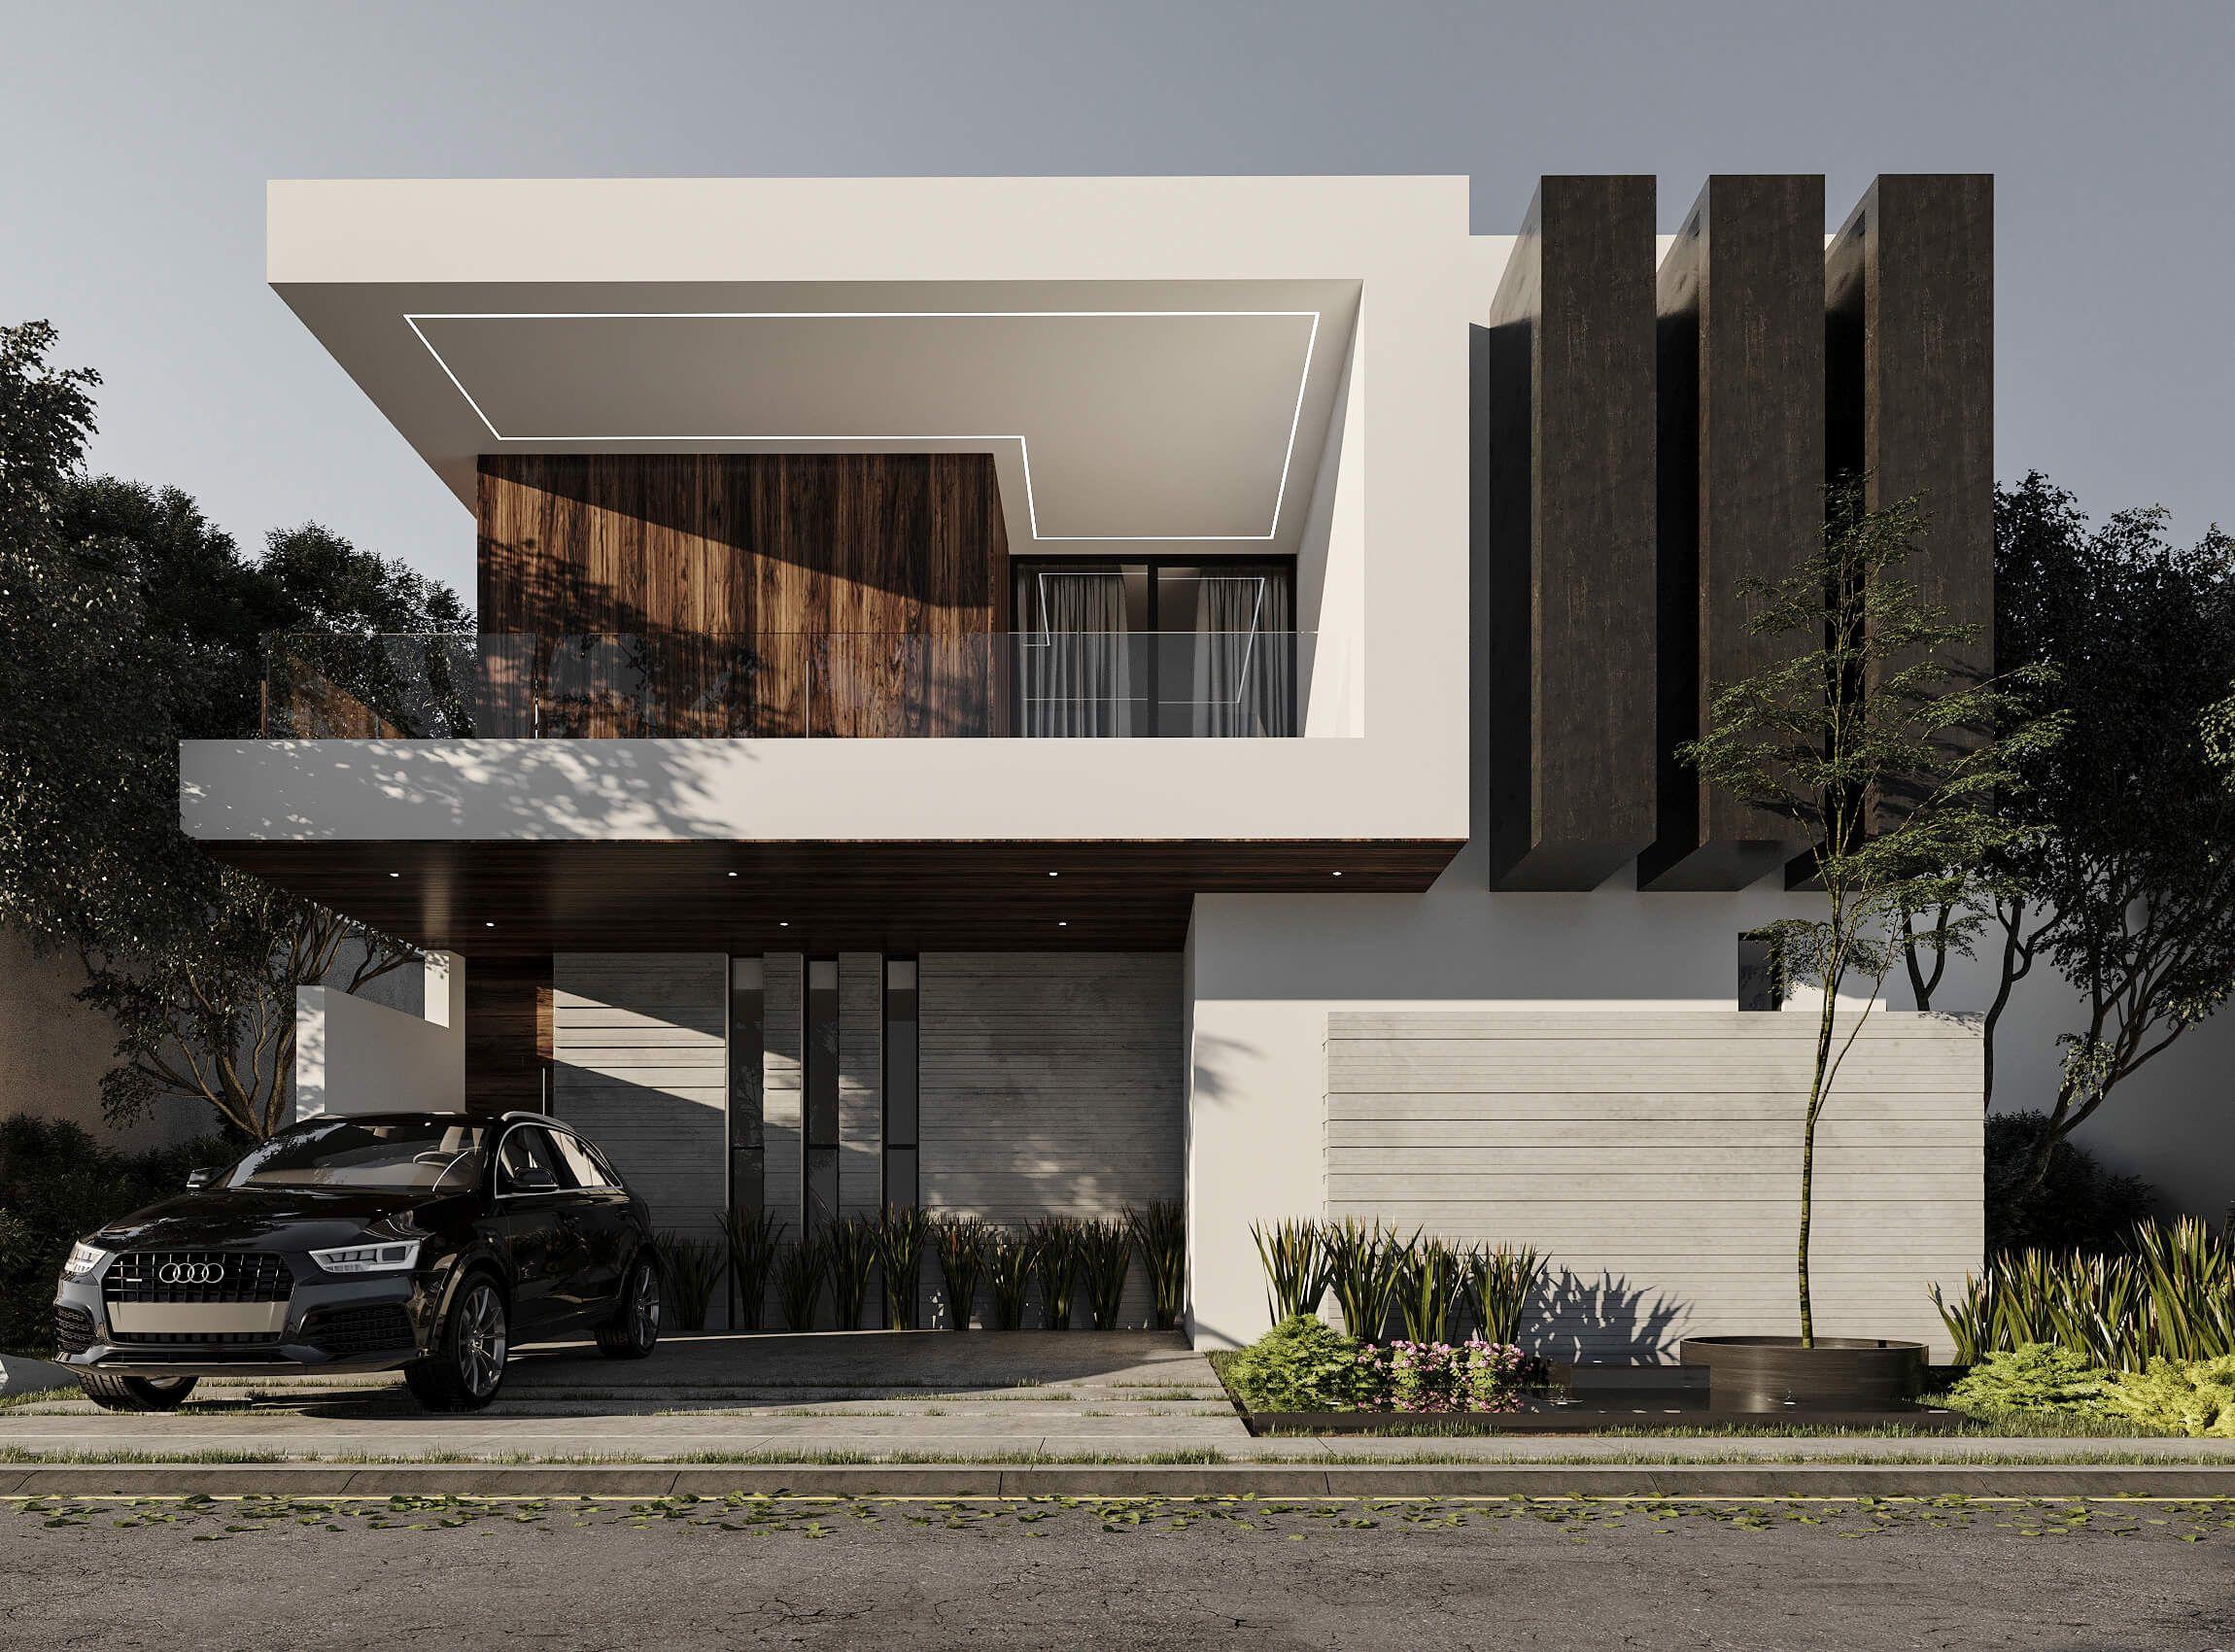 Rebora Arquitectos